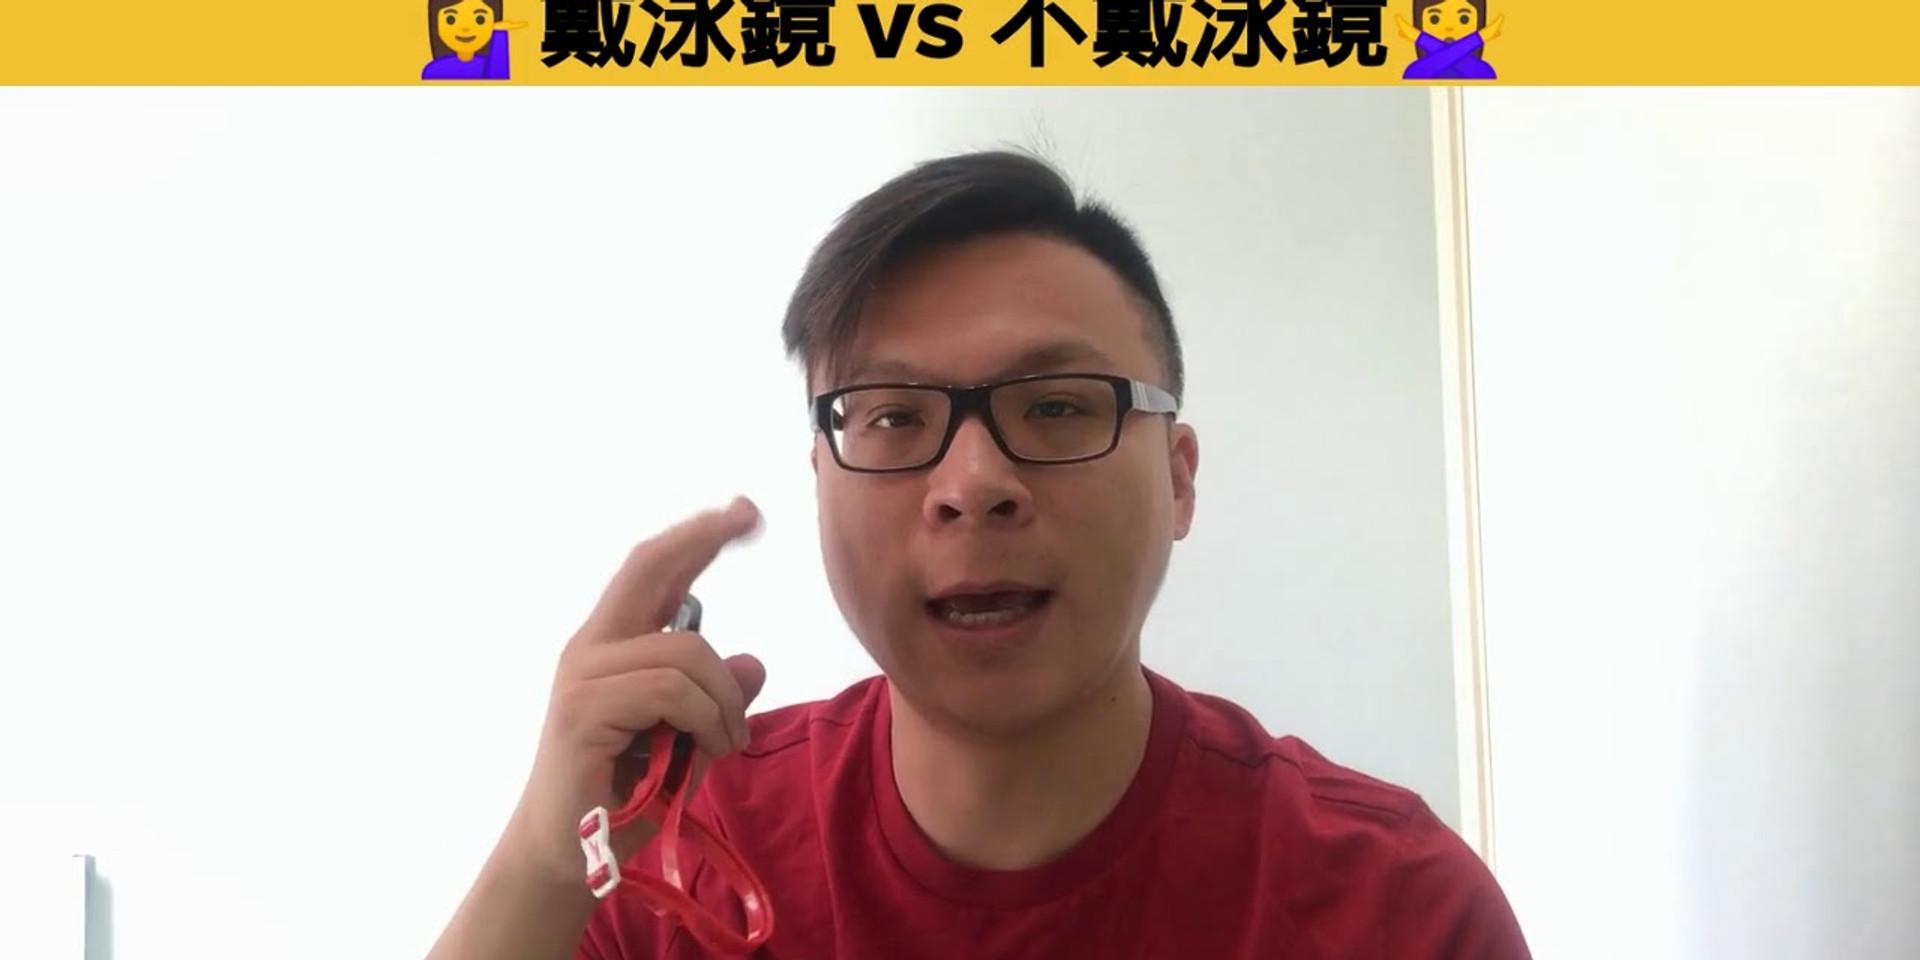 Goggles vs no Goggles